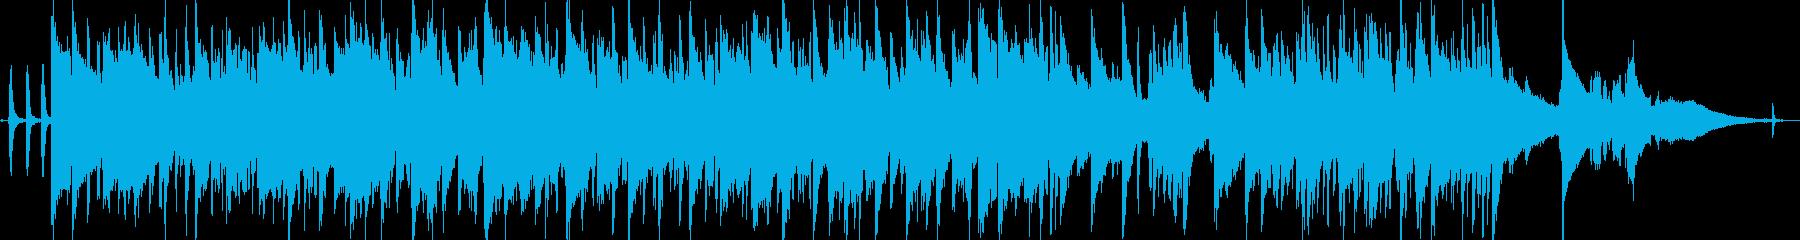 アコーディオンのおしゃれ3拍子ジャズの再生済みの波形